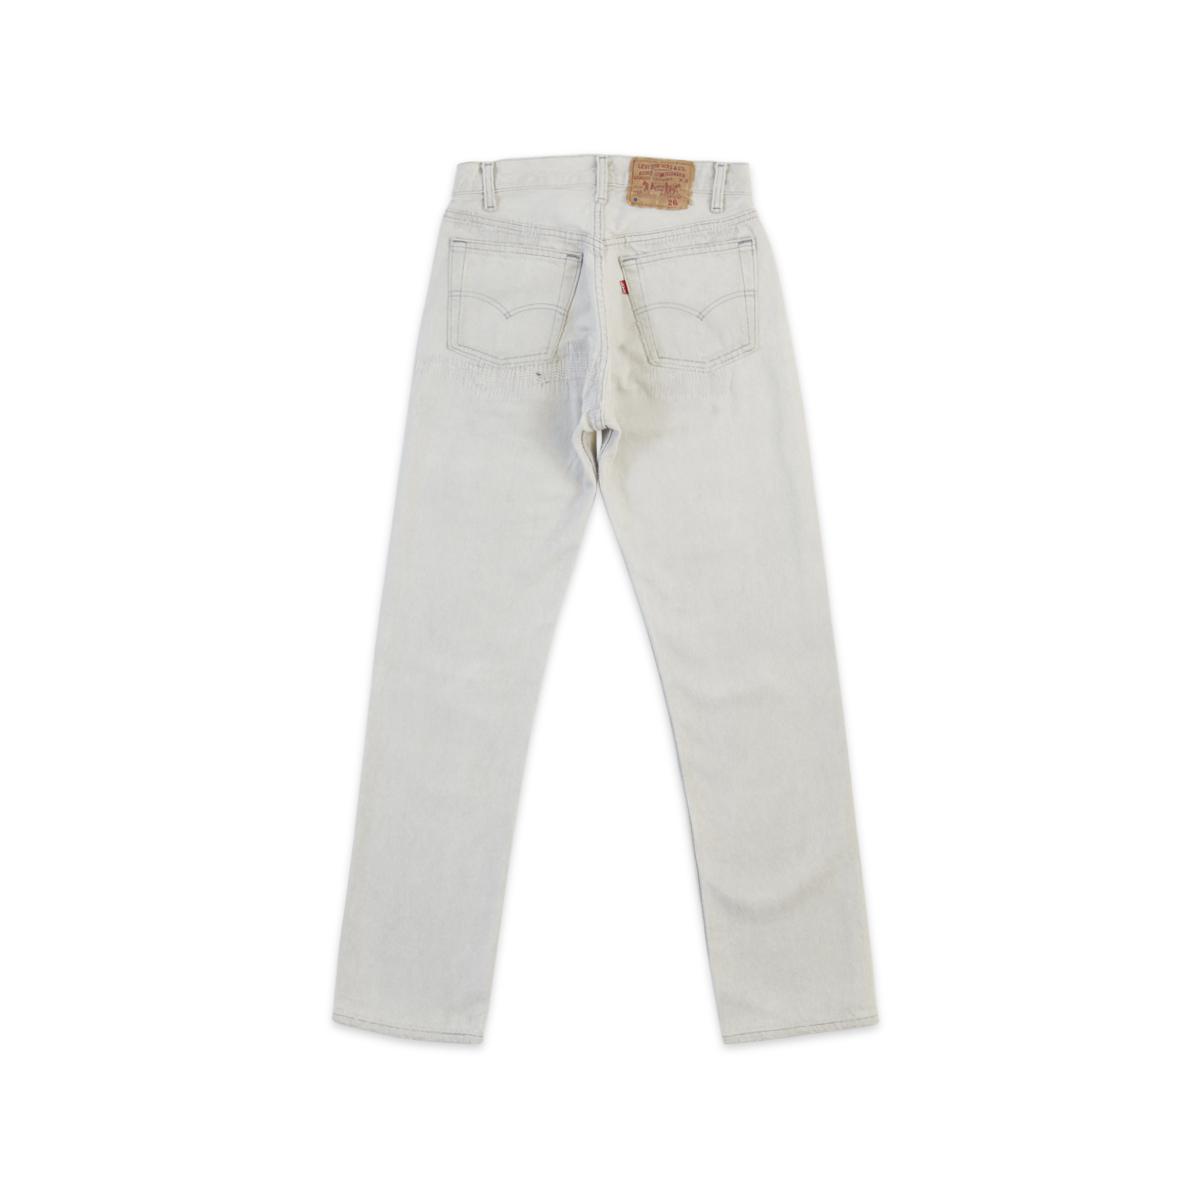 Levi's Vintage 501 - Size 26